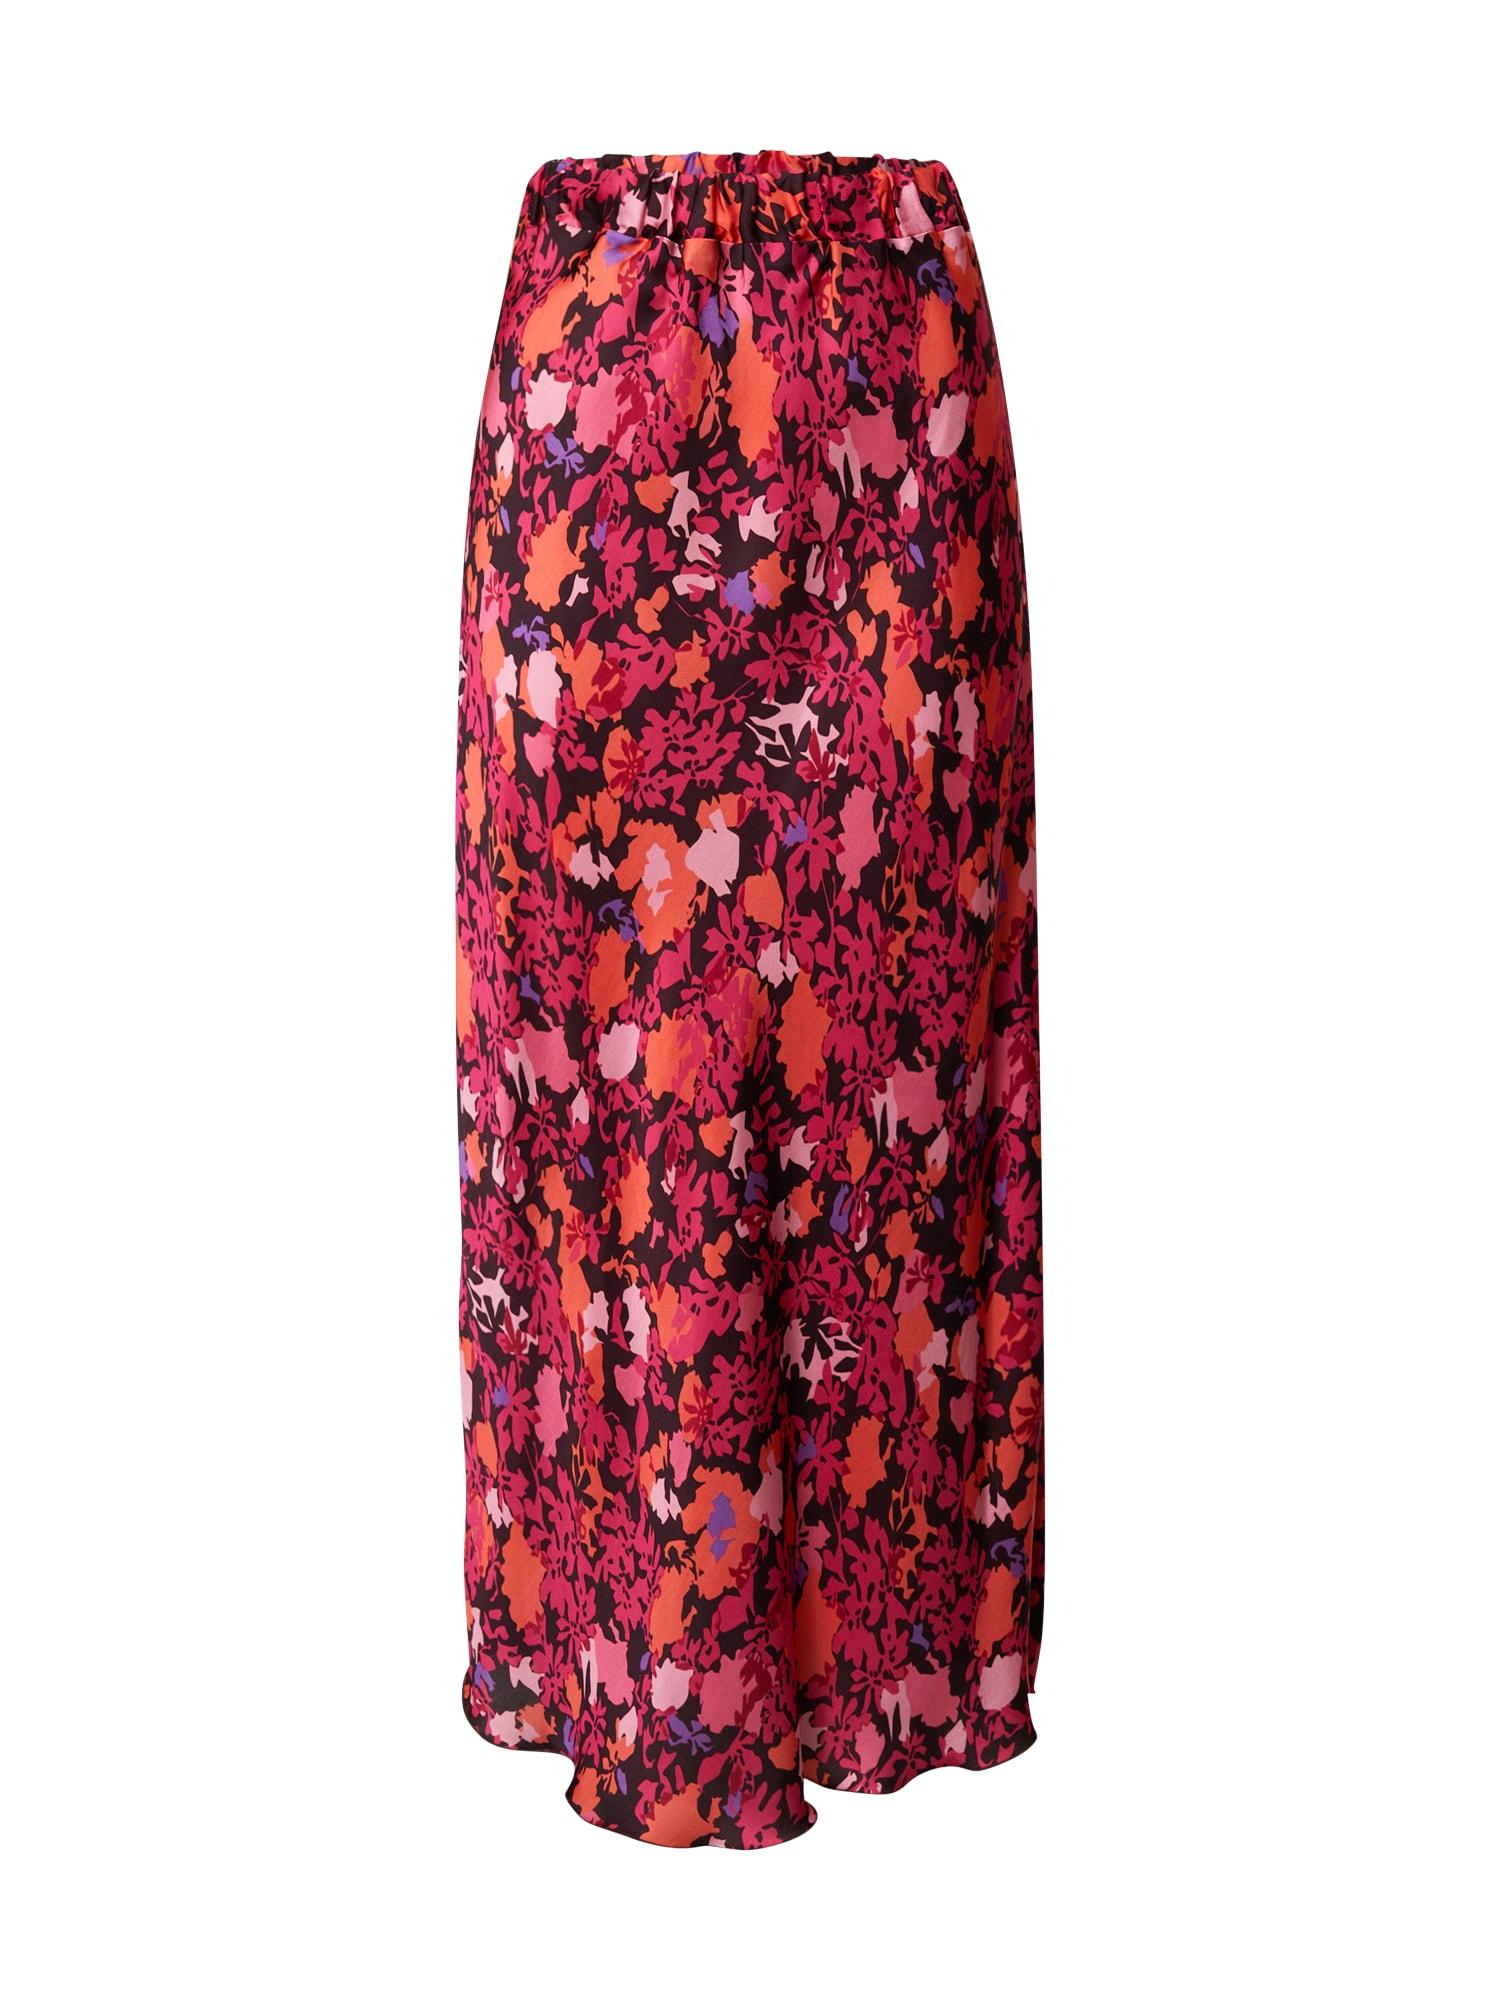 FRNCH PARIS Sijonas rožinė / šviesiai oranžinė / rožių spalva / šviesiai violetinė / juoda